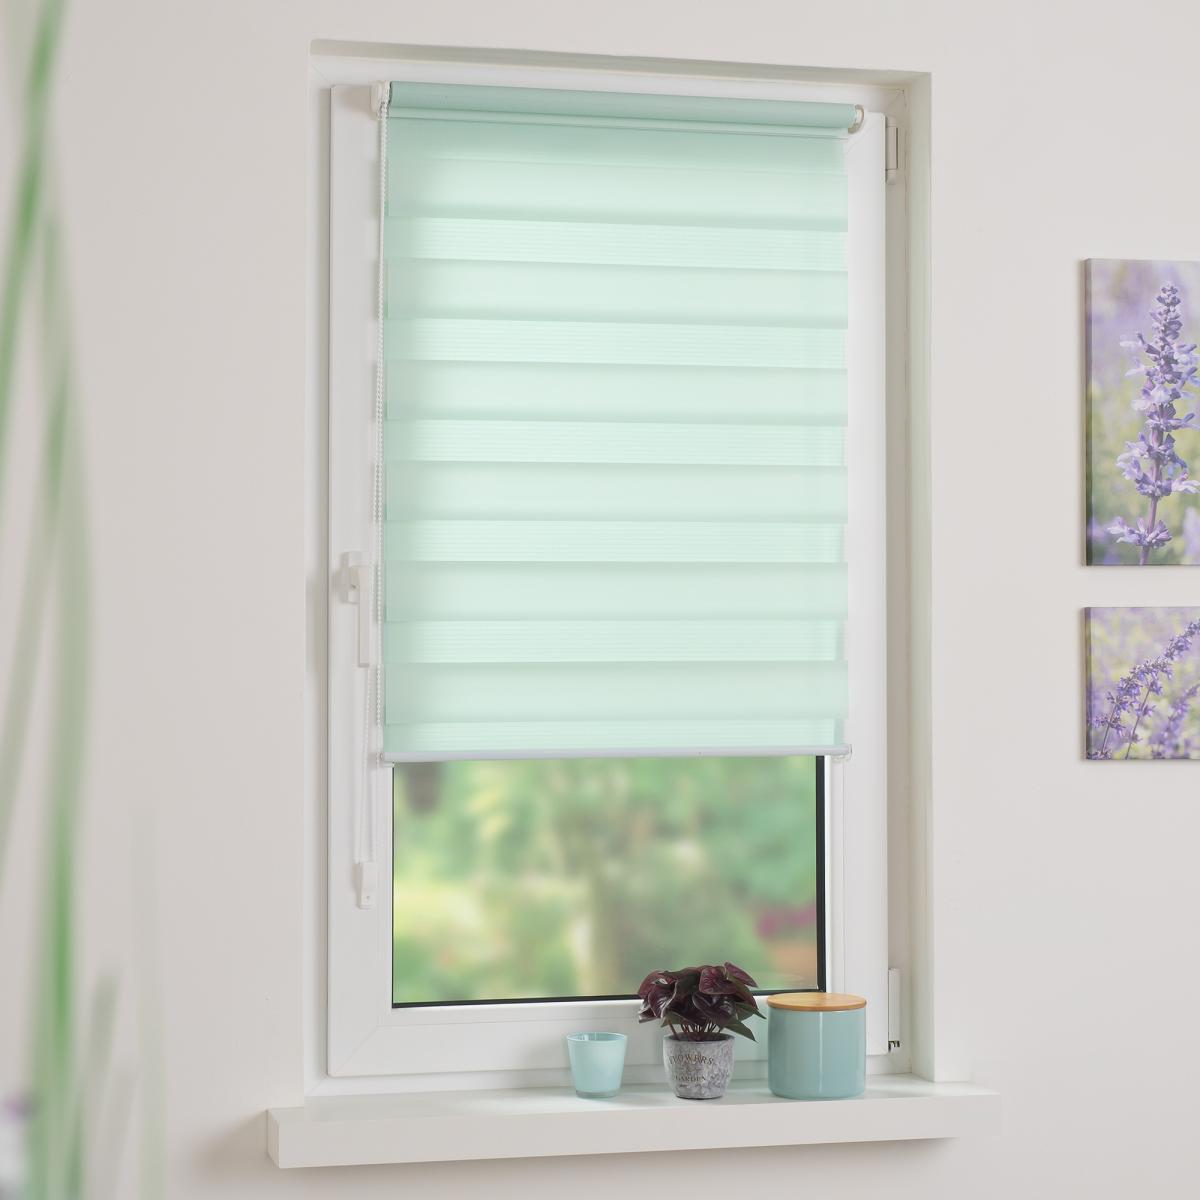 Bild 1 von Bella Casa Duo-Rollo mini, Klemmfix Doppelrollo, pastellgrün, Rollo 45 x 160 cm (B x H)